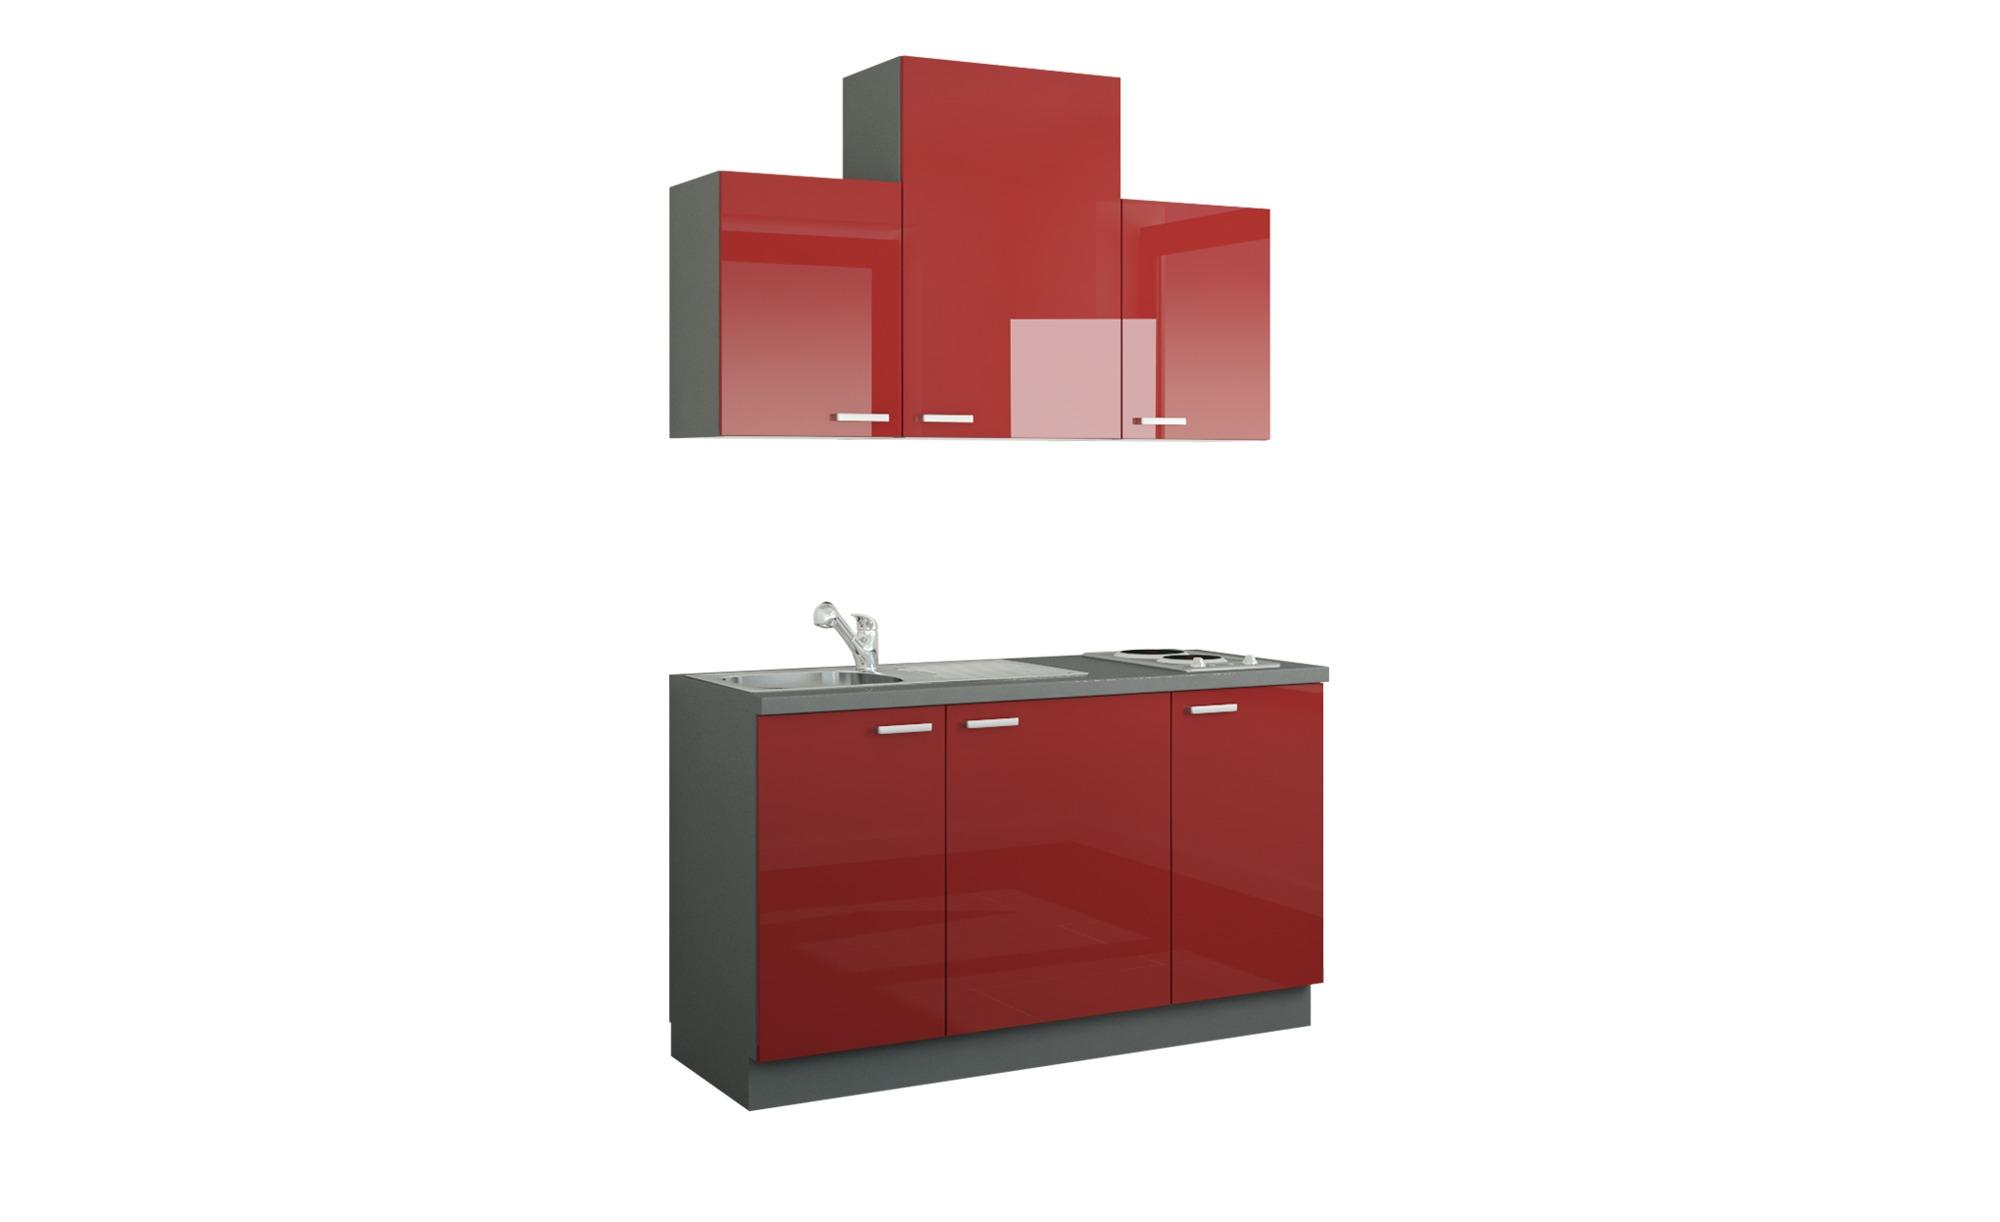 Küchenzeile mit Elektrogeräten  Aue ¦ rot ¦ Maße (cm): B: 150 Küchen > Küchenblöcke mit E-Geräten - Höffner